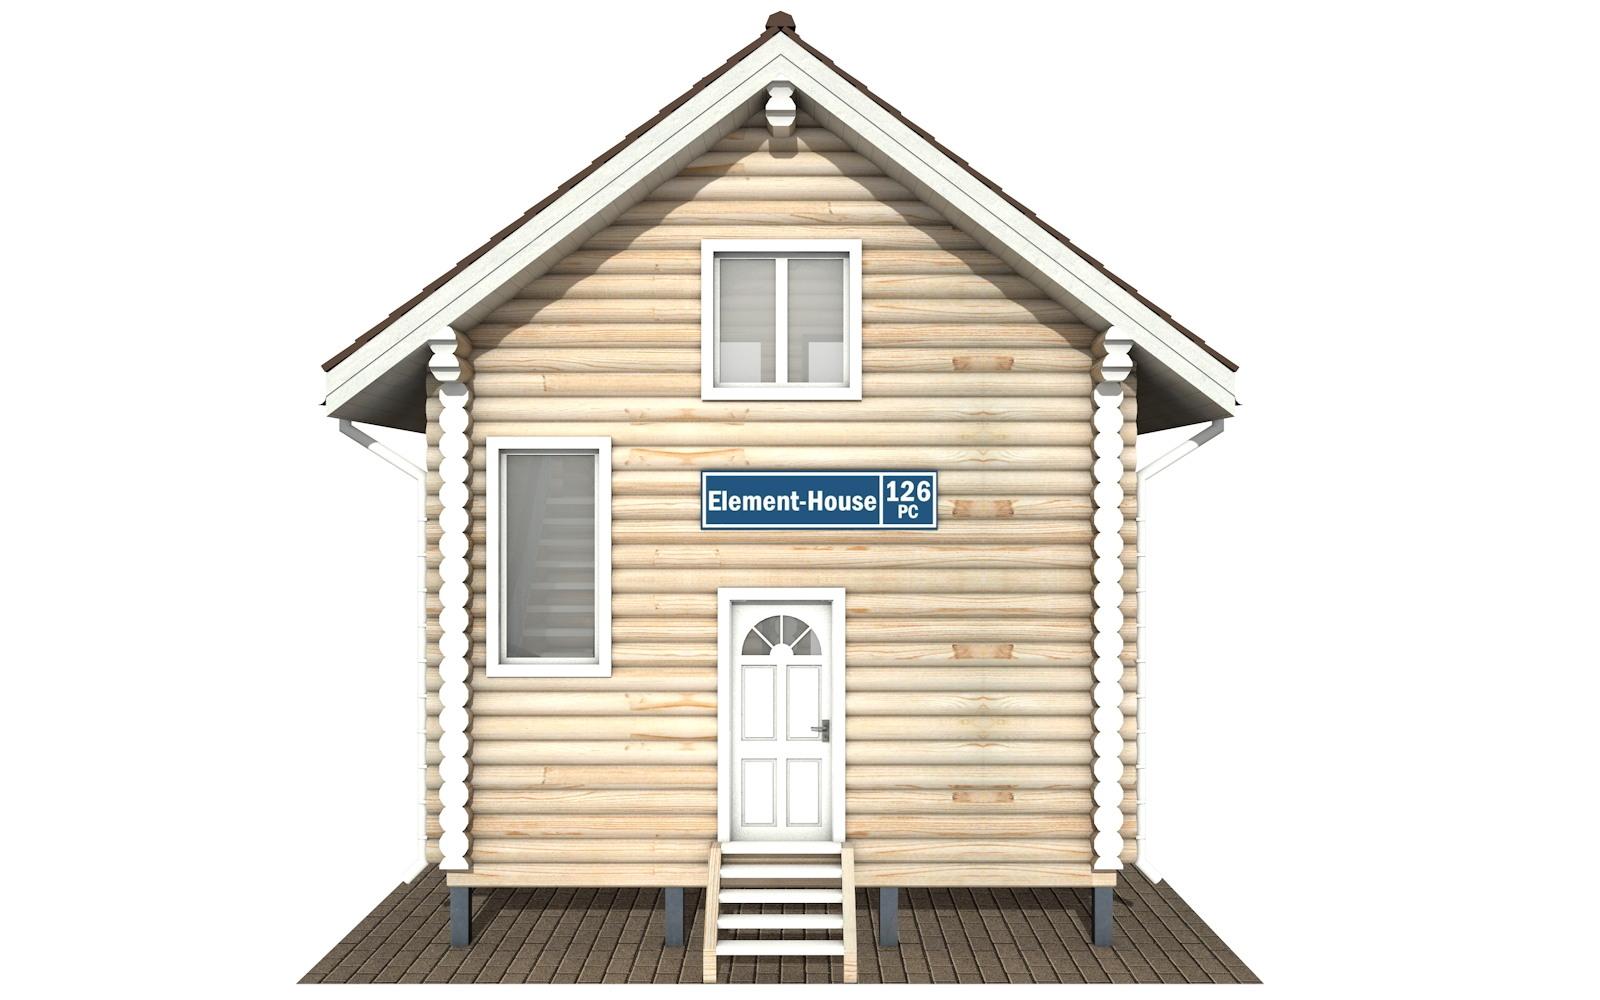 Фото #6: Красивый деревянный дом РС-126 из бревна